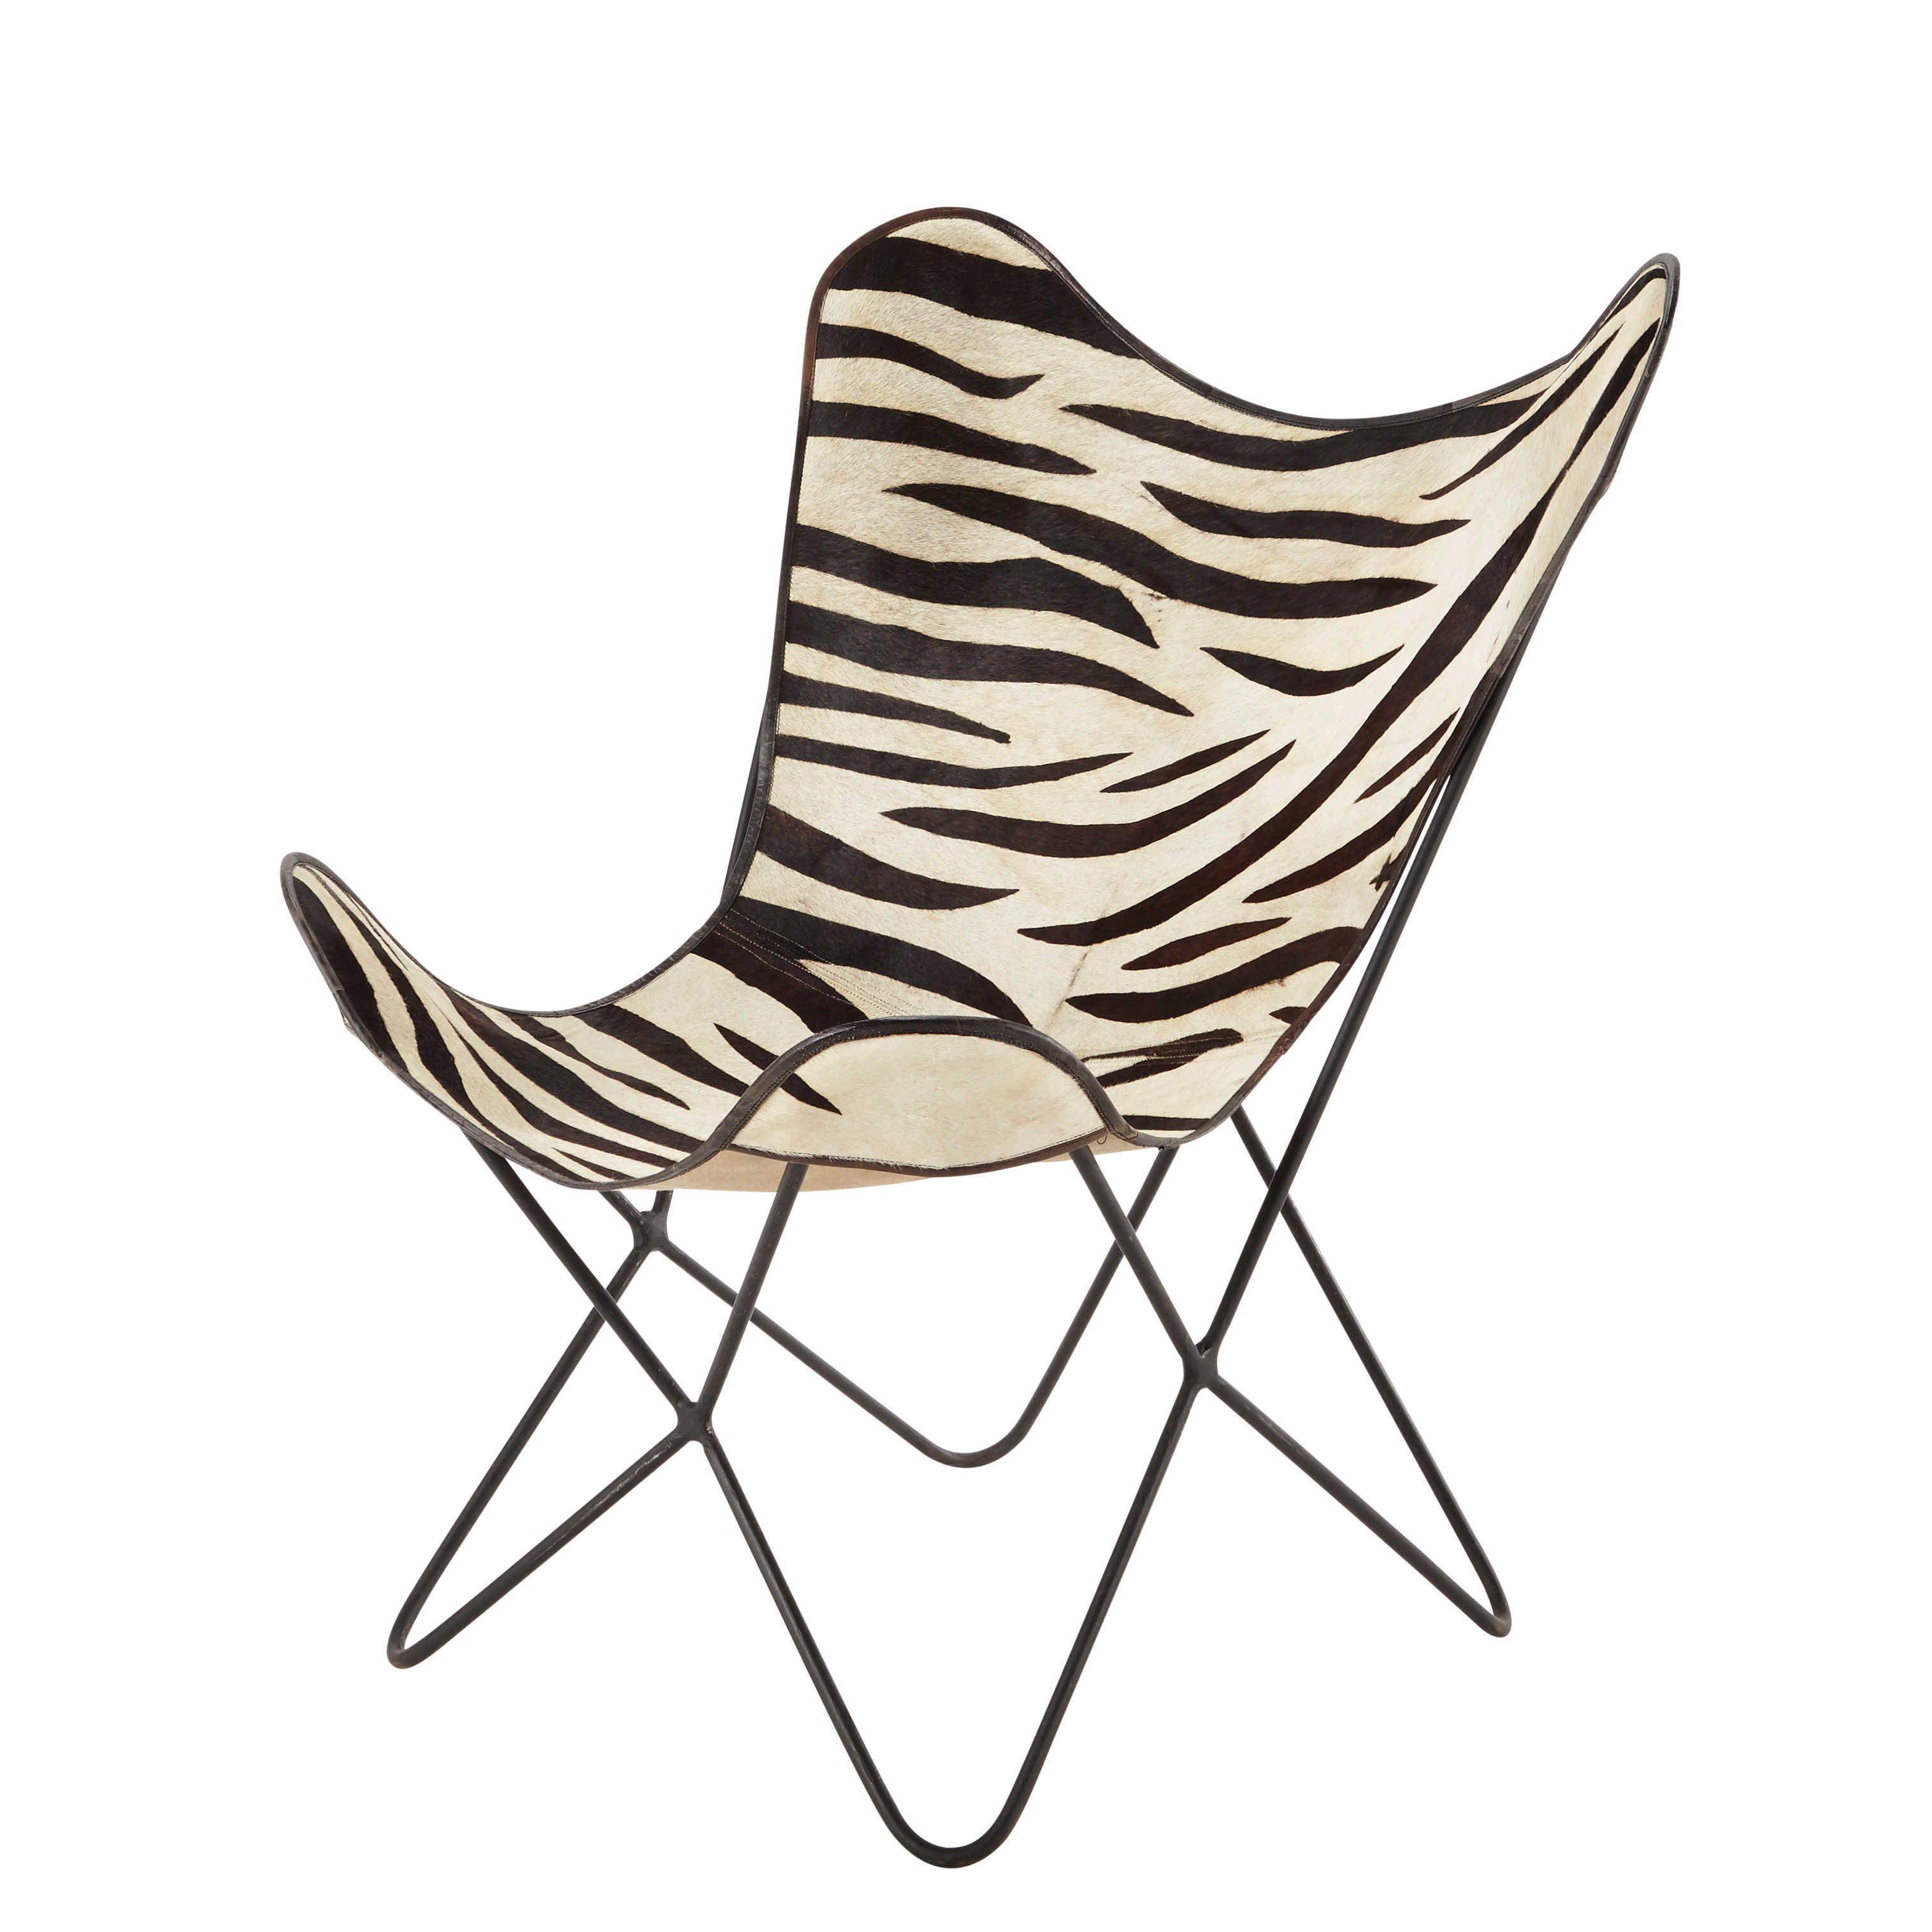 Poltrona Bianca Nera In Vacchetta Zebrata Zebra Maison Du Monde